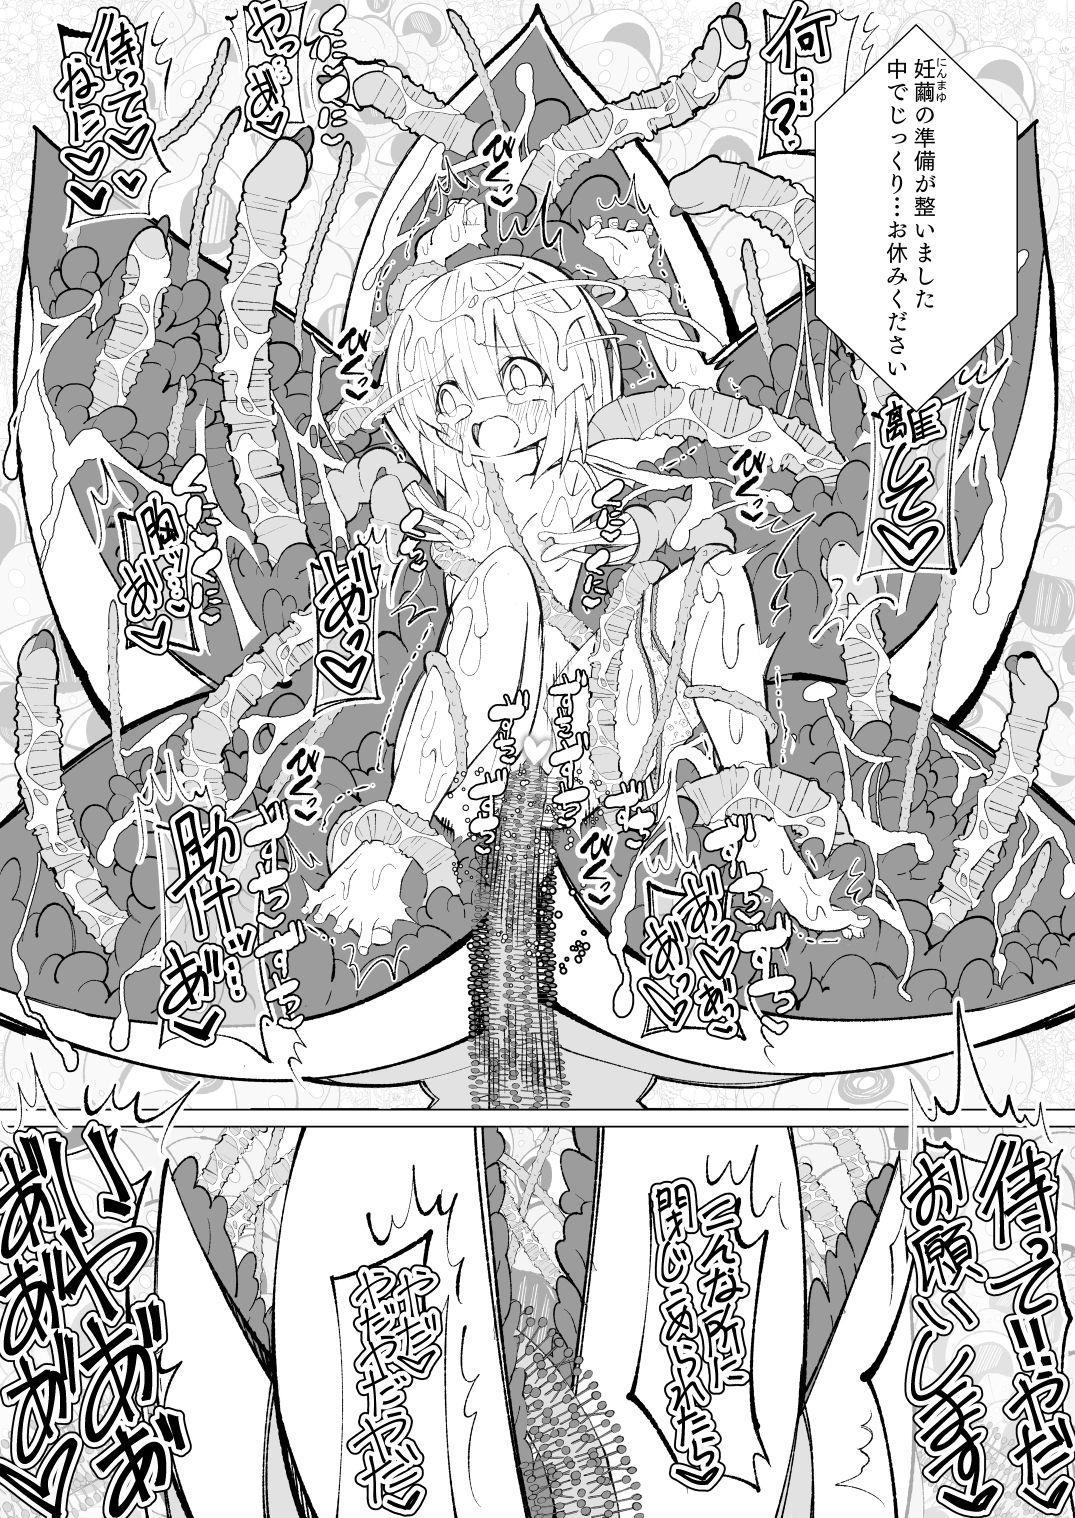 Ishu kan fūzoku-gai3 shokubutsu shokushu × rori 51